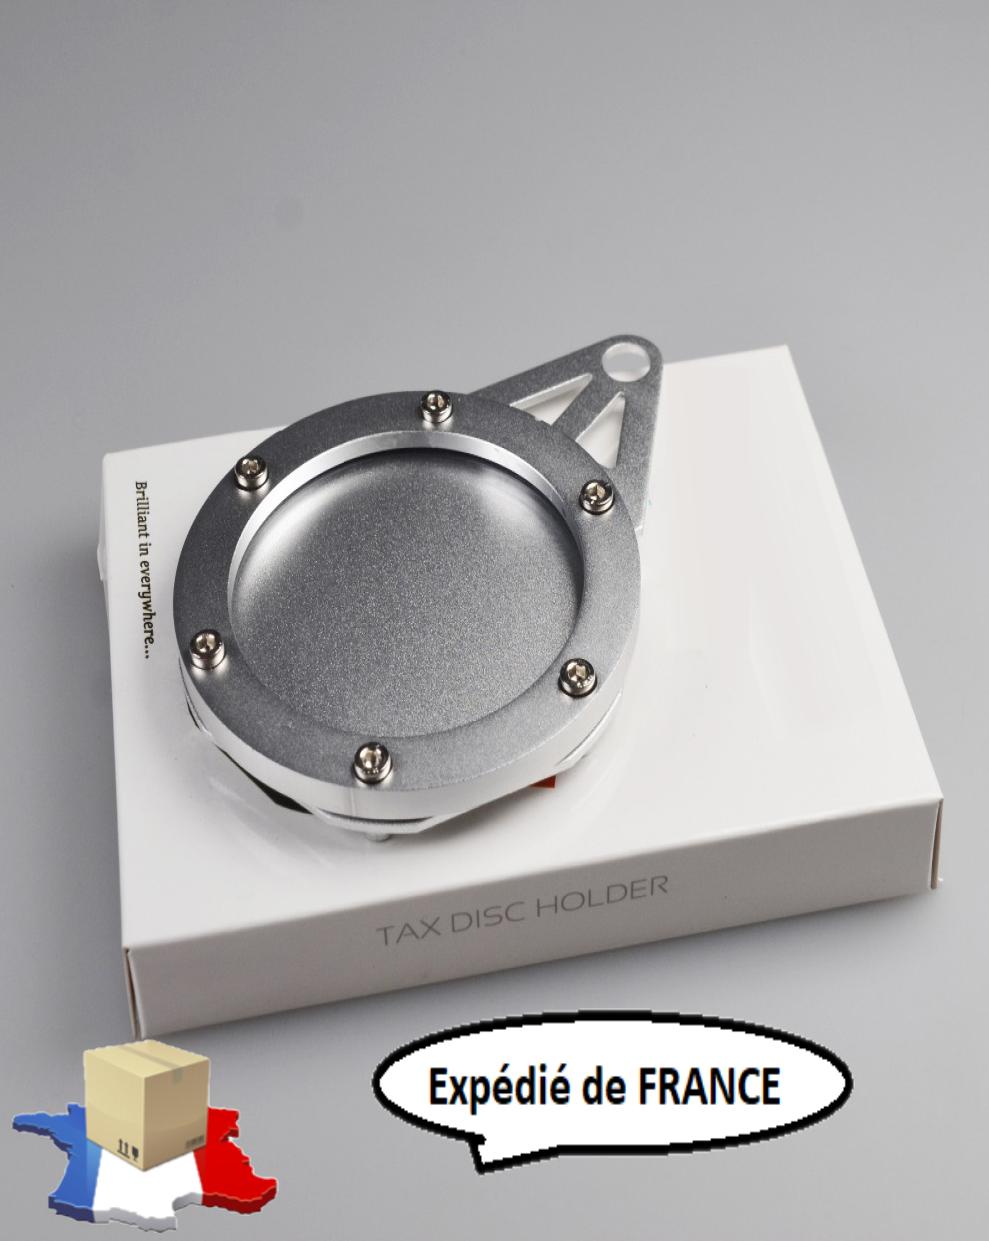 Porte vignette assurance aluminium chrome cyclomoteur mobylette